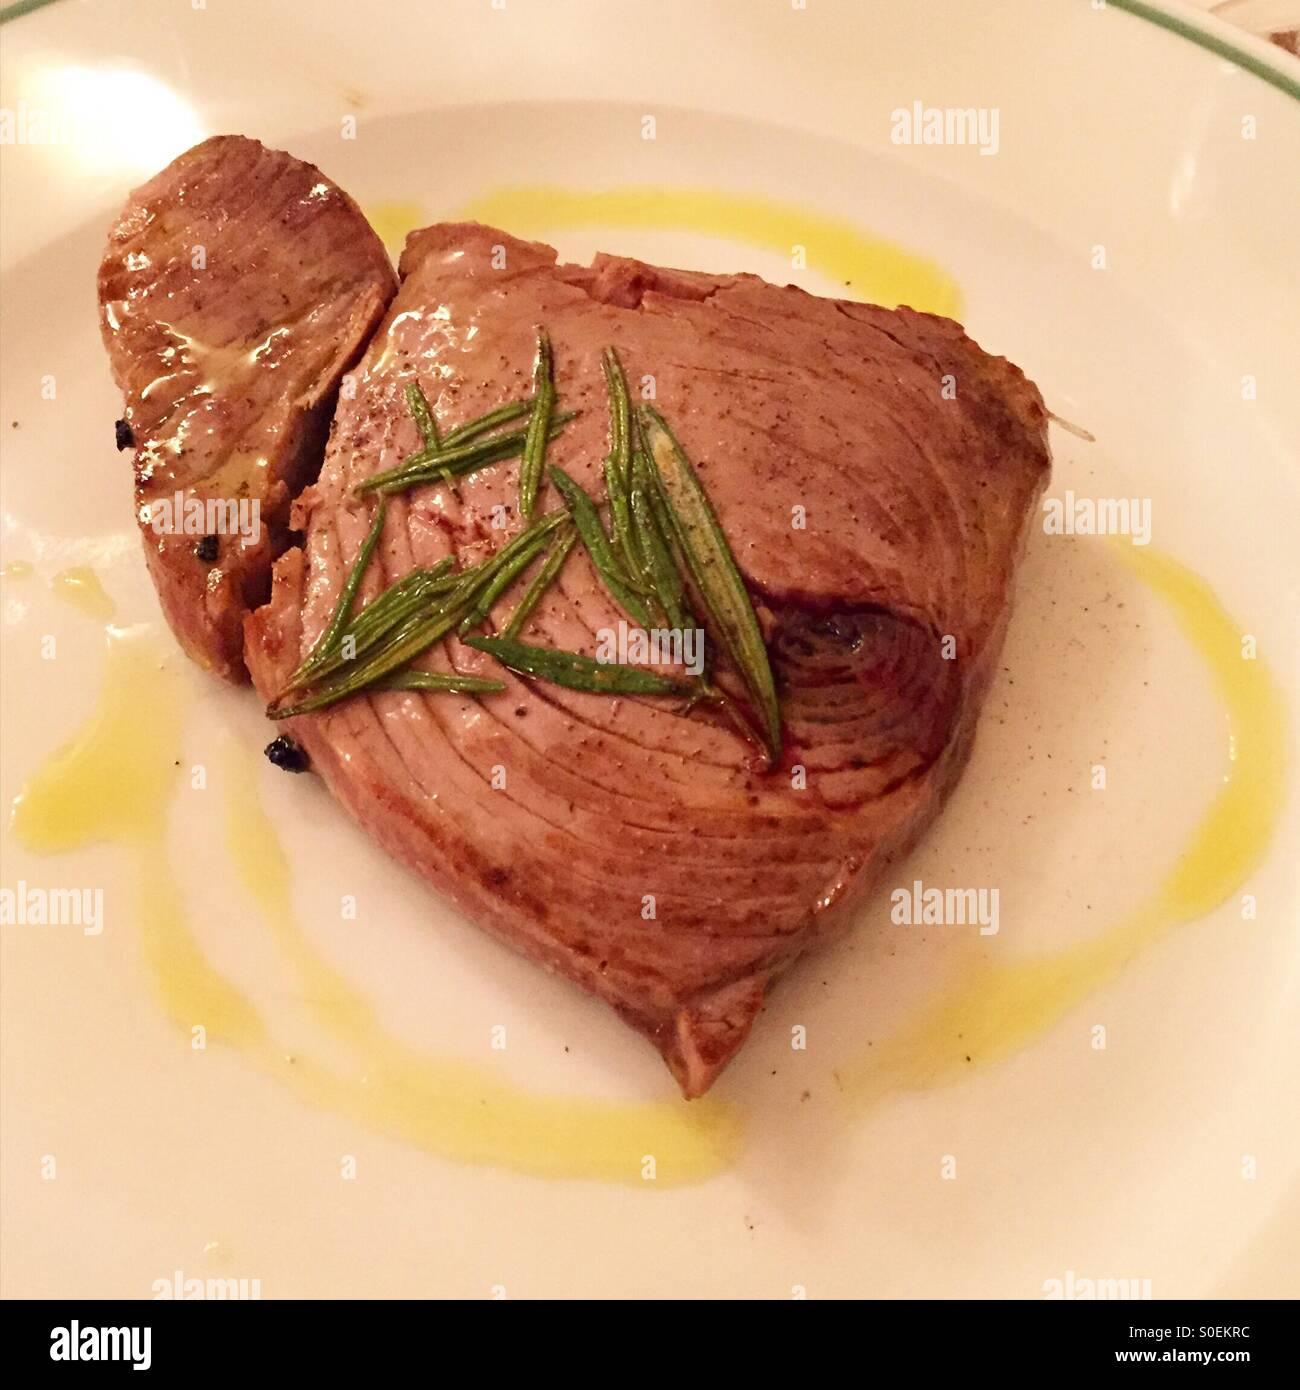 Tuna stake - Stock Image